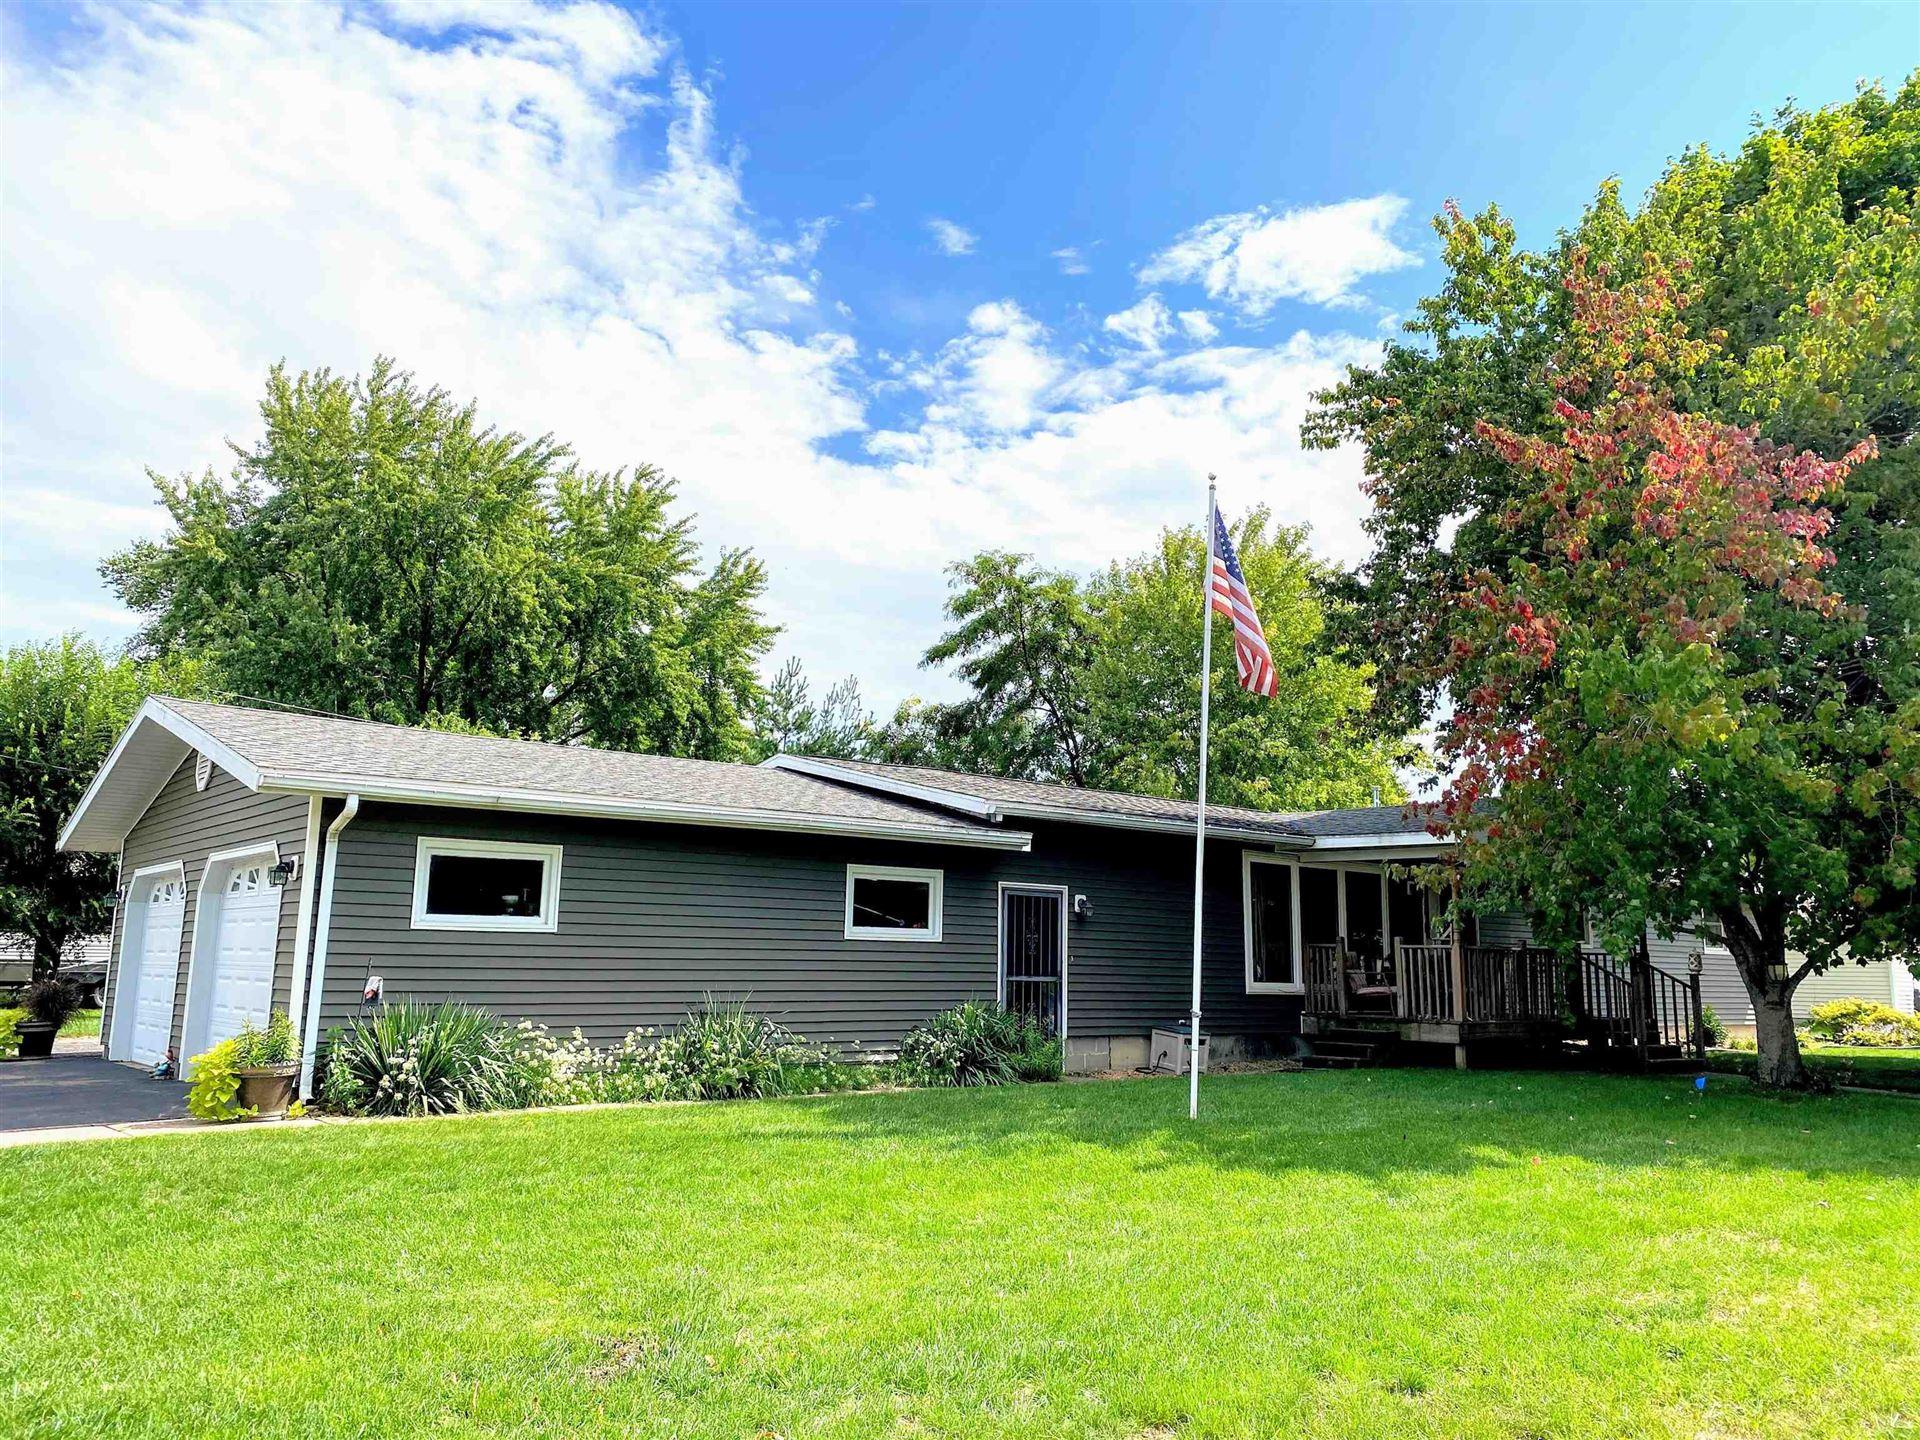 1004 S 16th St, Prairie du Chien, WI 53821 - #: 1920106